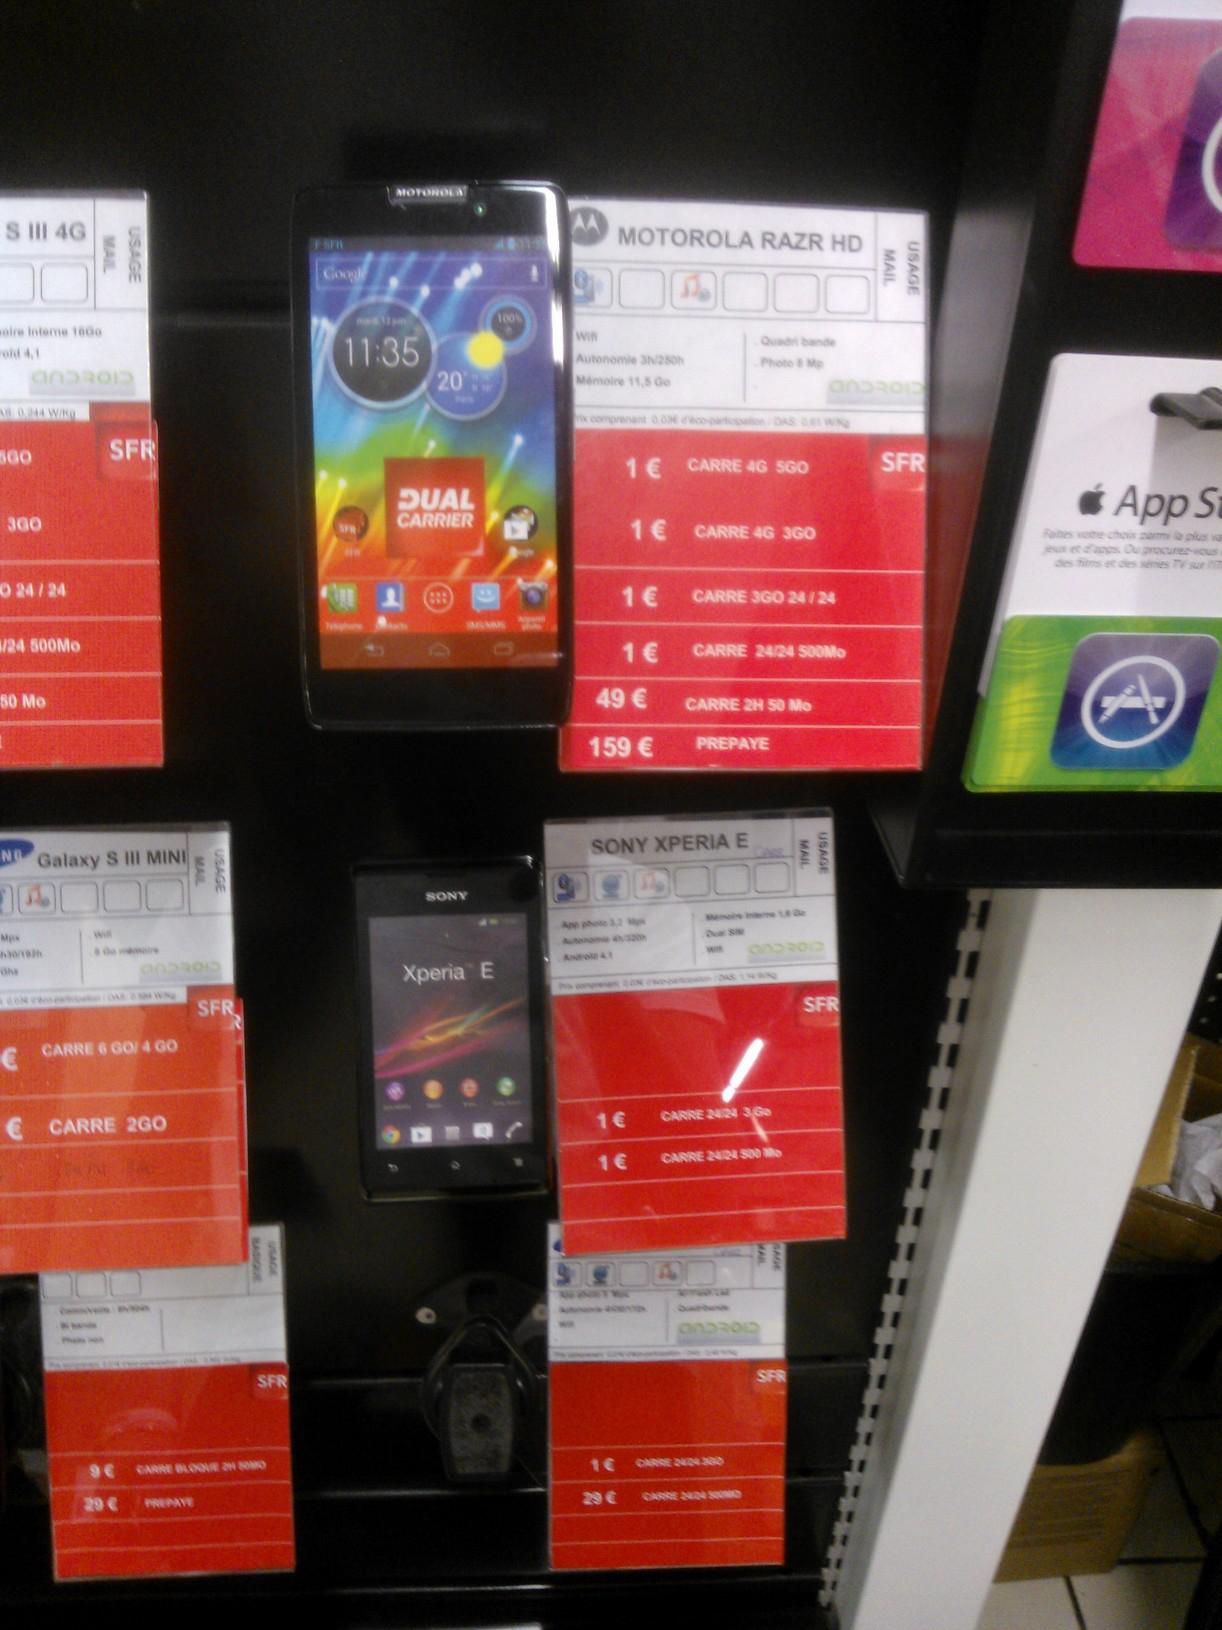 Smartphone  HTC ONE XL à 199€ ou Motorola RAZR HD (Bloqué SFR)